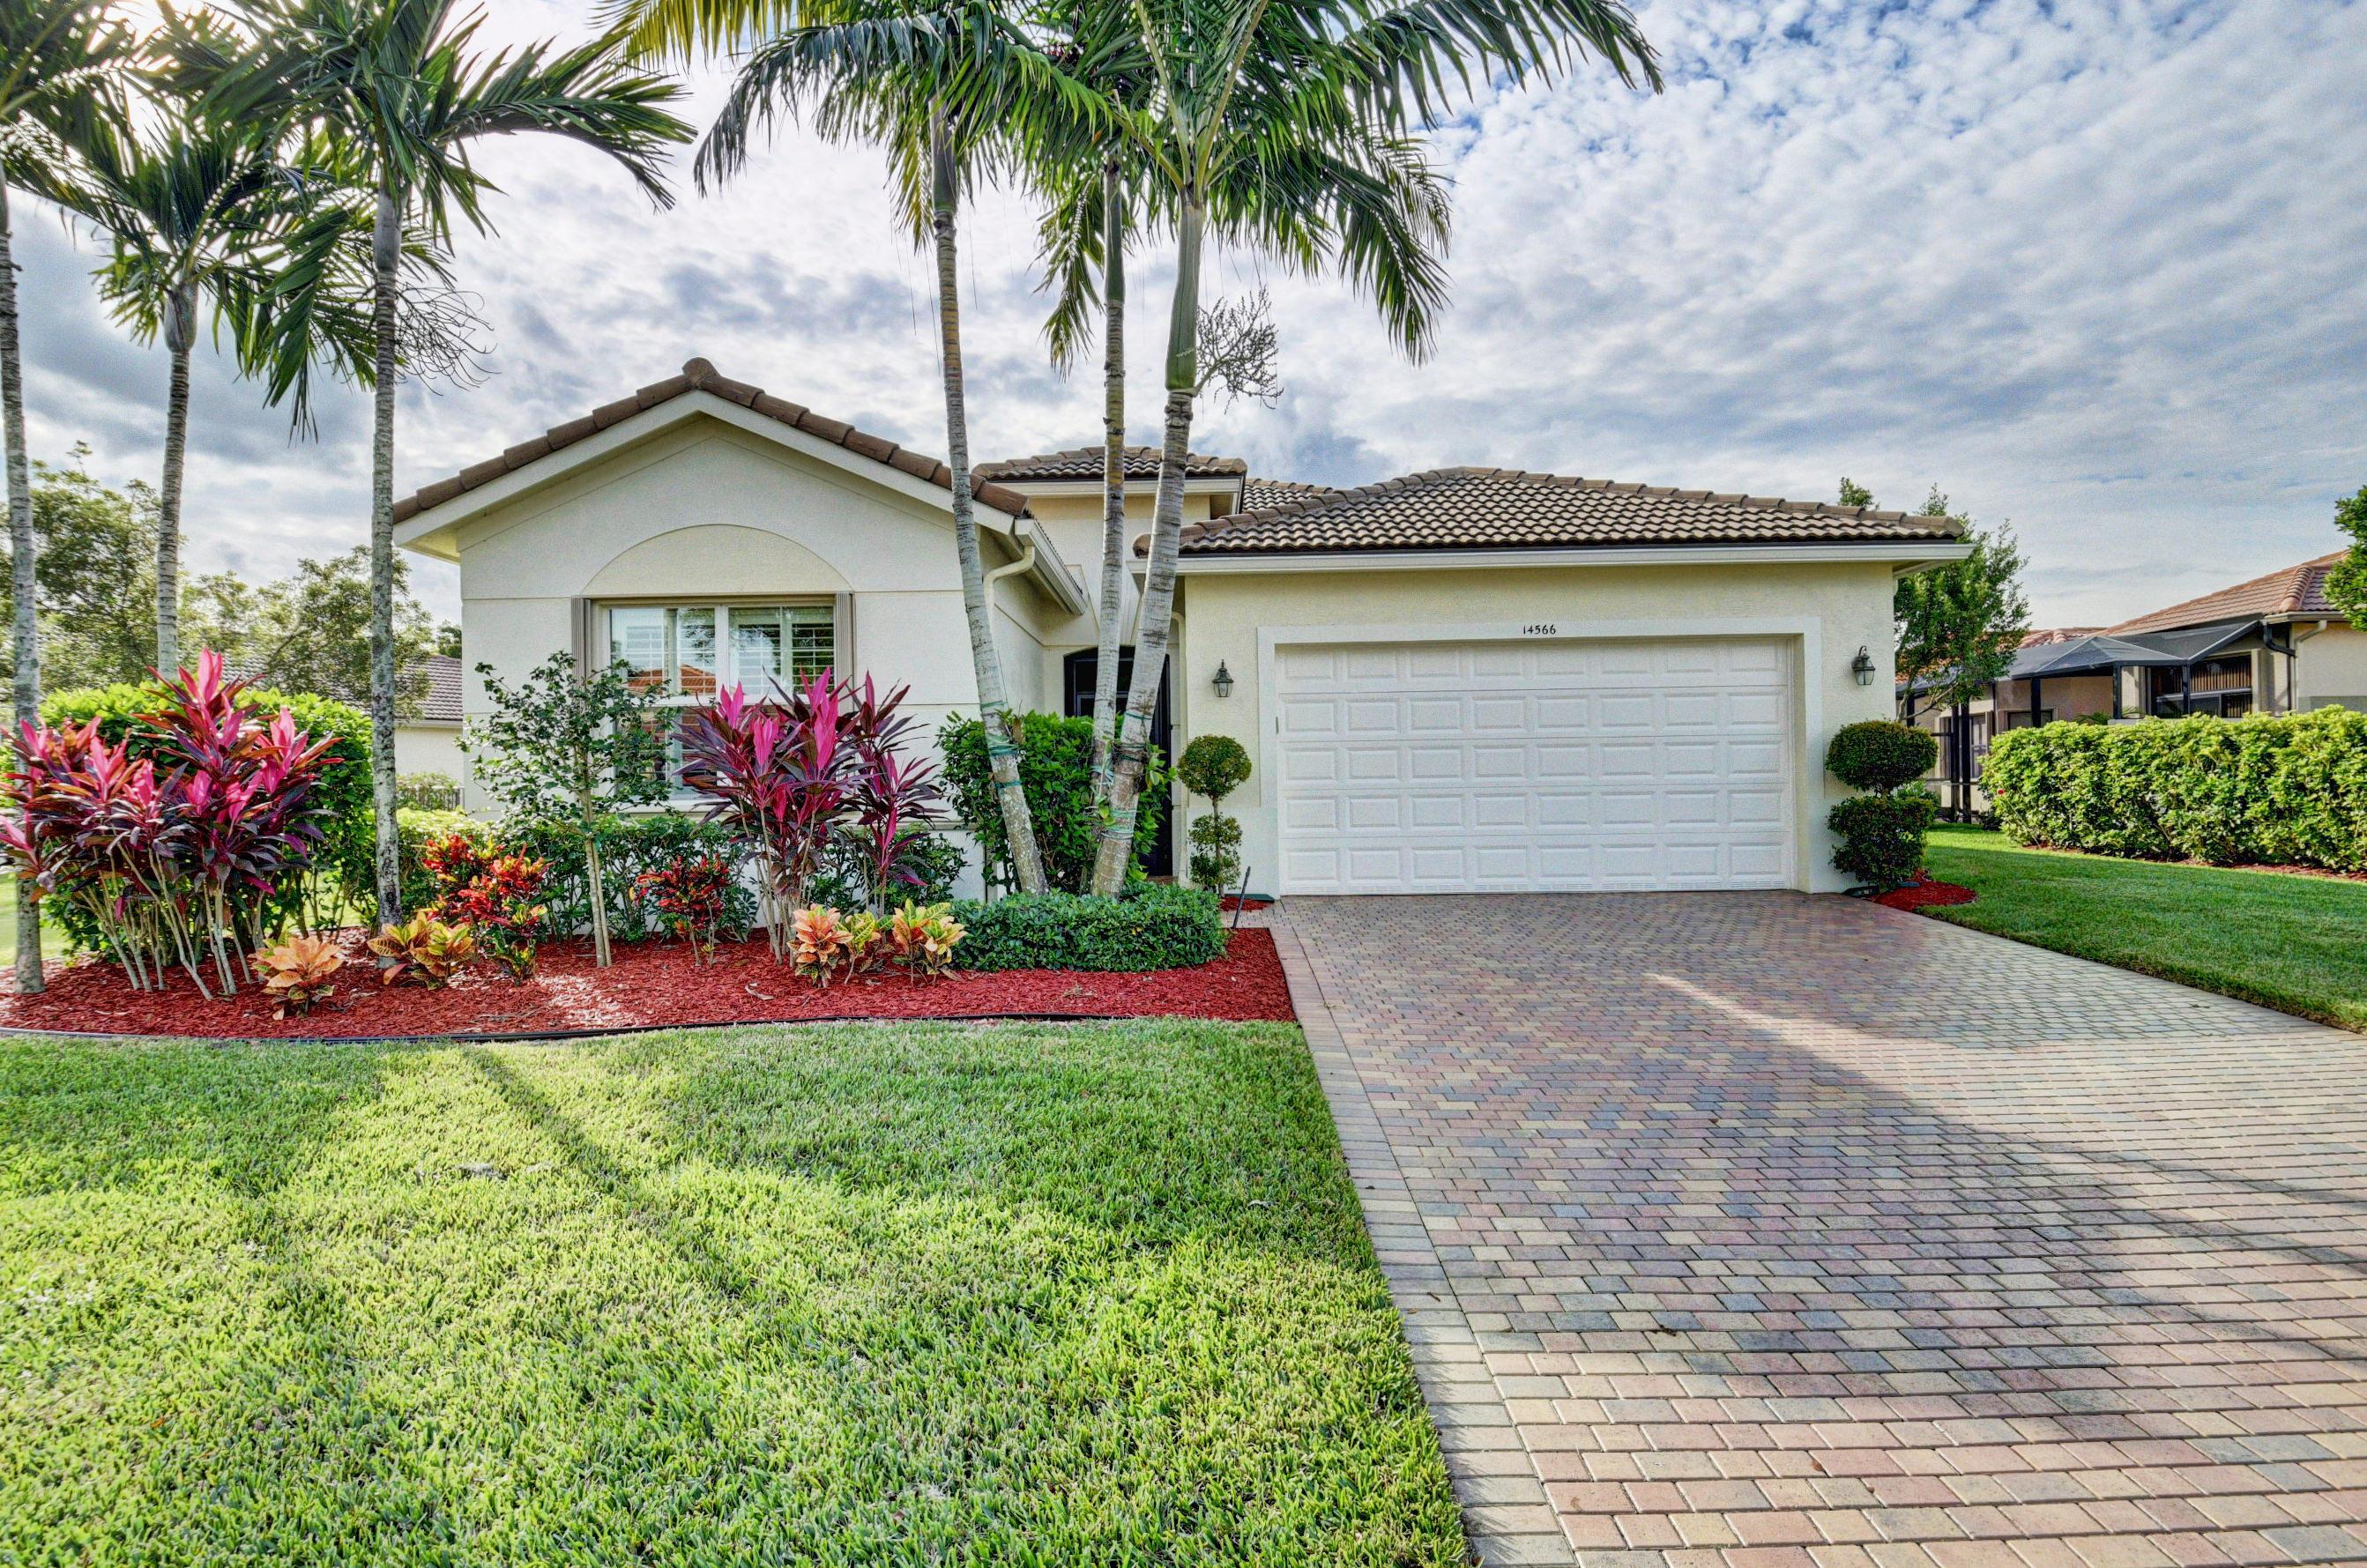 Four Seasons/Tivoli Isles home 14566 Jetty Lane Delray Beach FL 33446